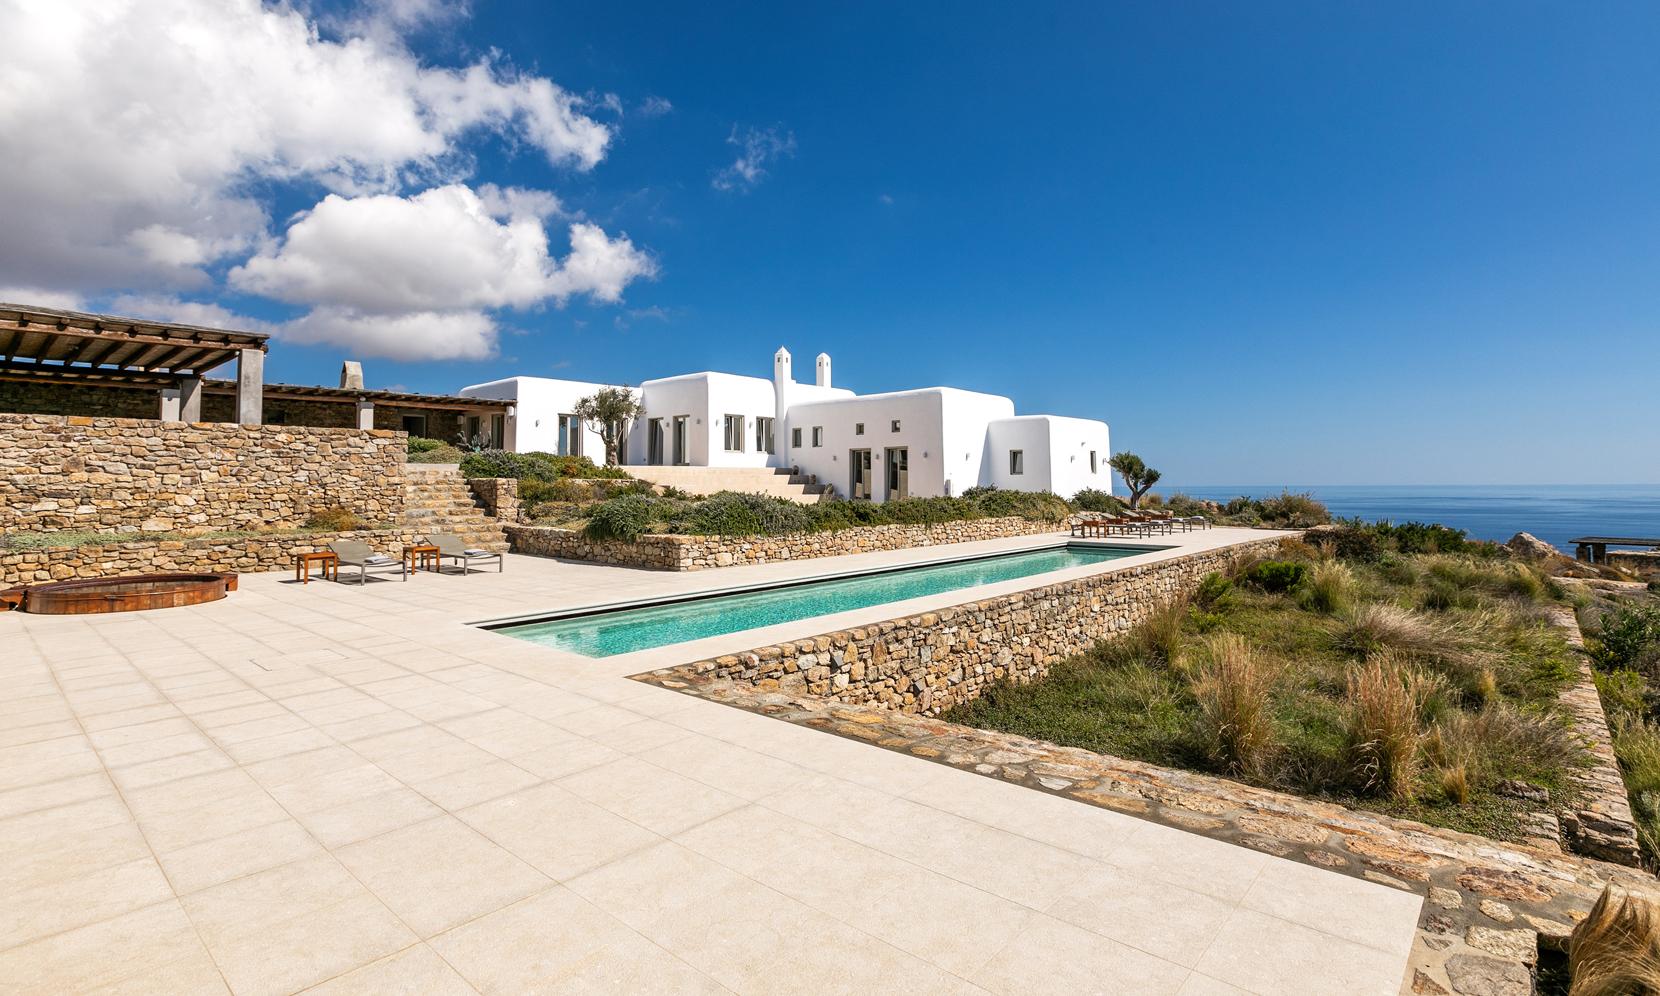 Mykonos Villa Dorian jumbotron image